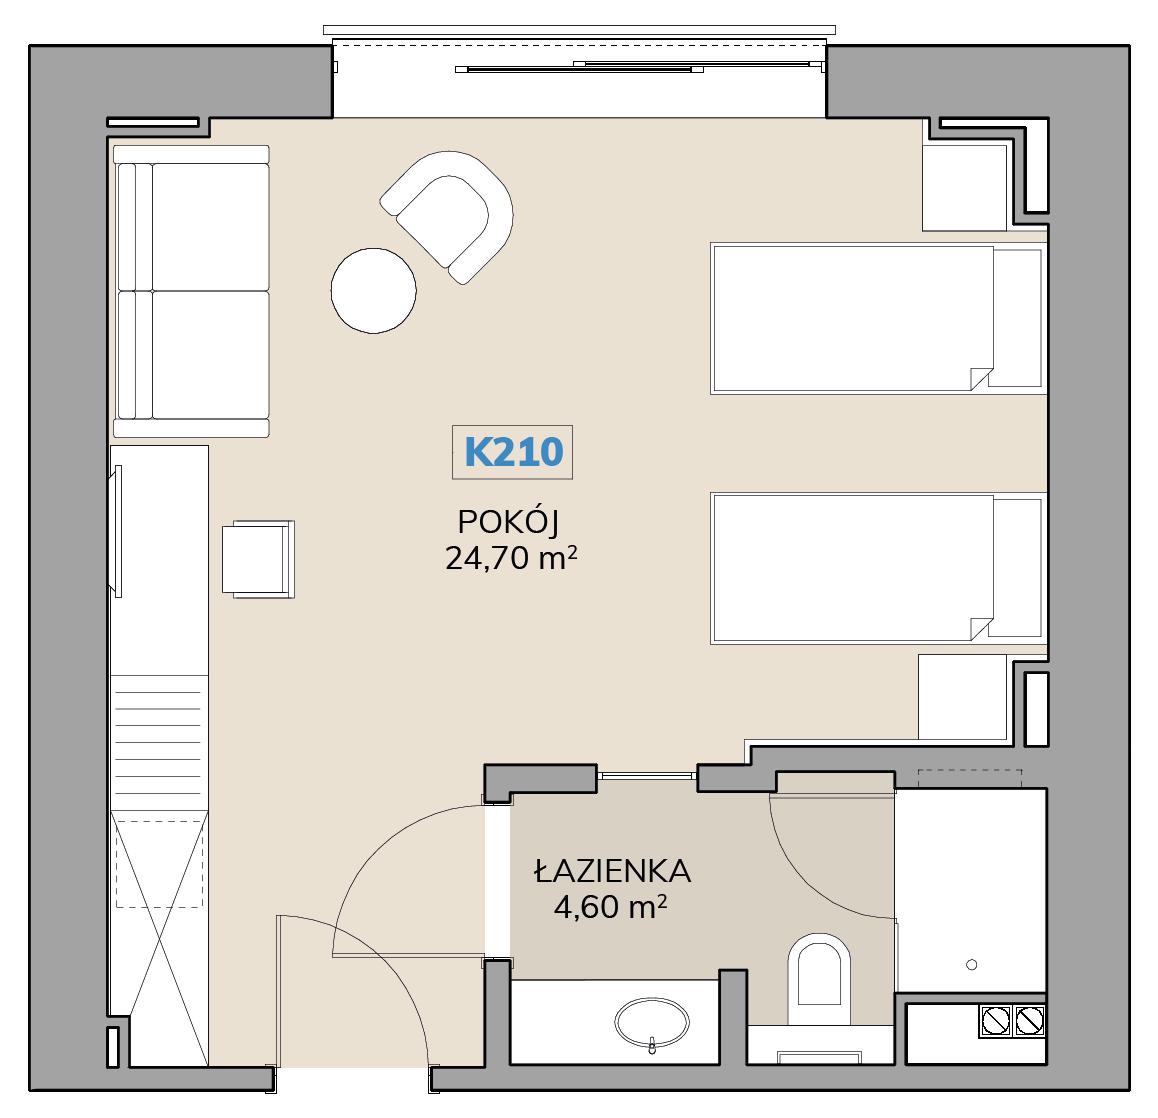 Apartament K210